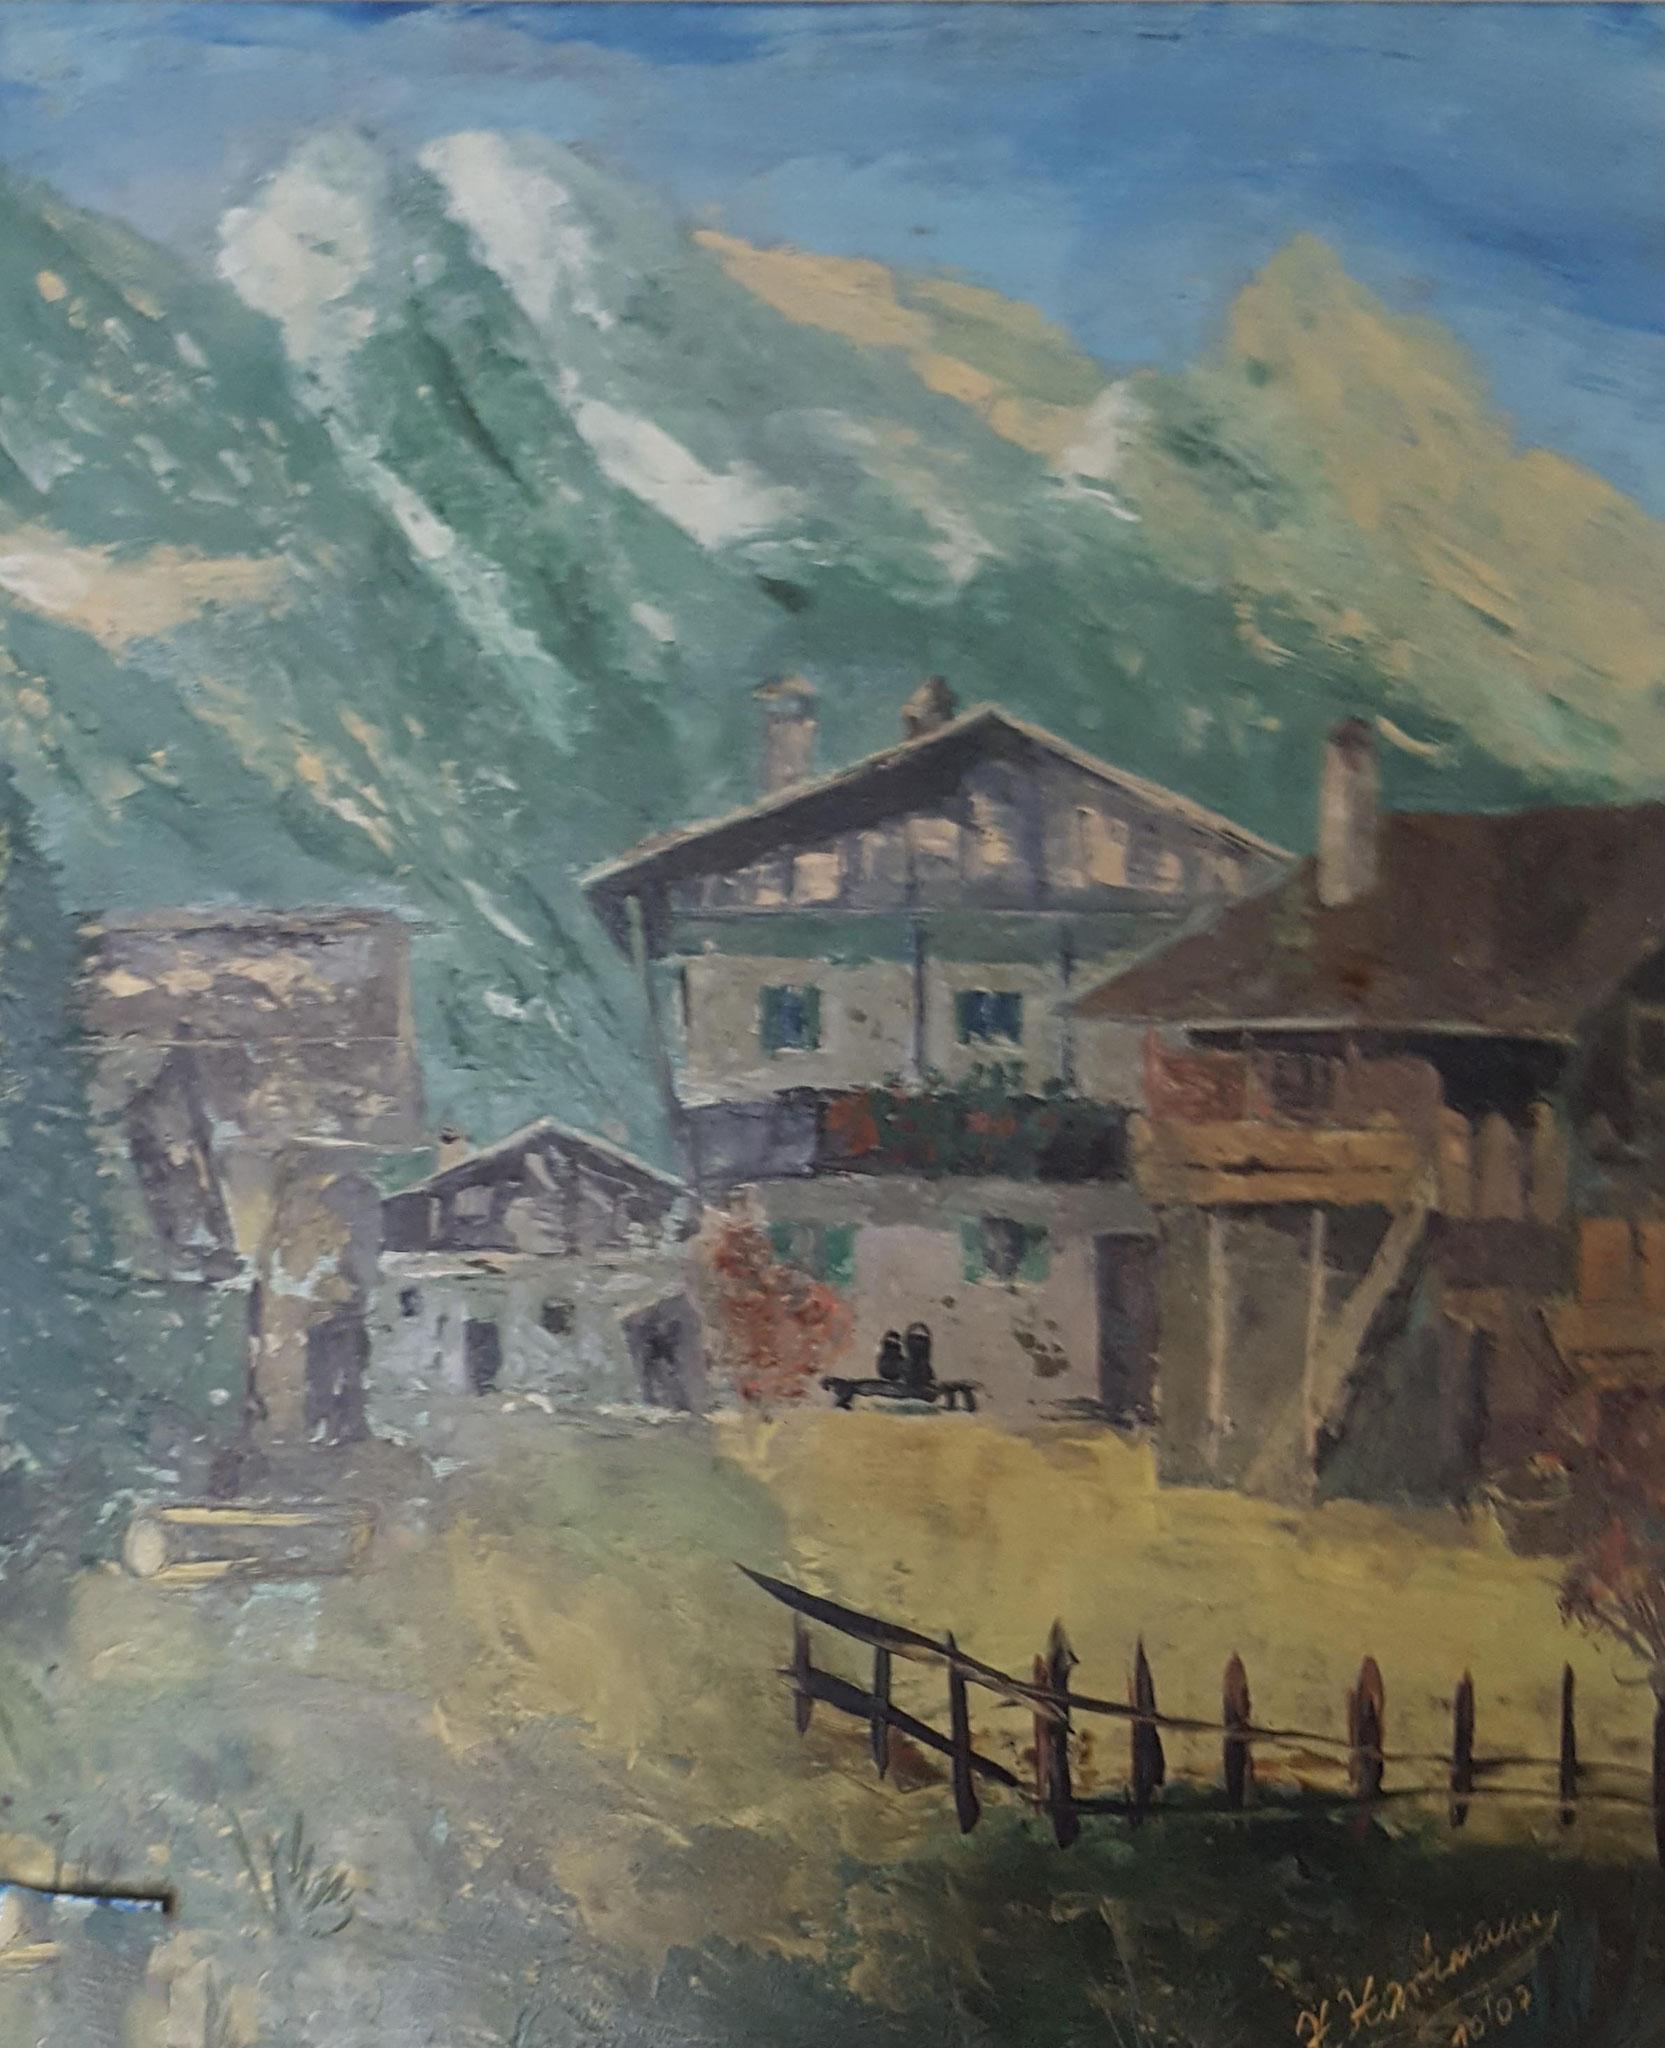 Nr. 64 - Bauernhof auf Pappe 50x60cm - 1500 €